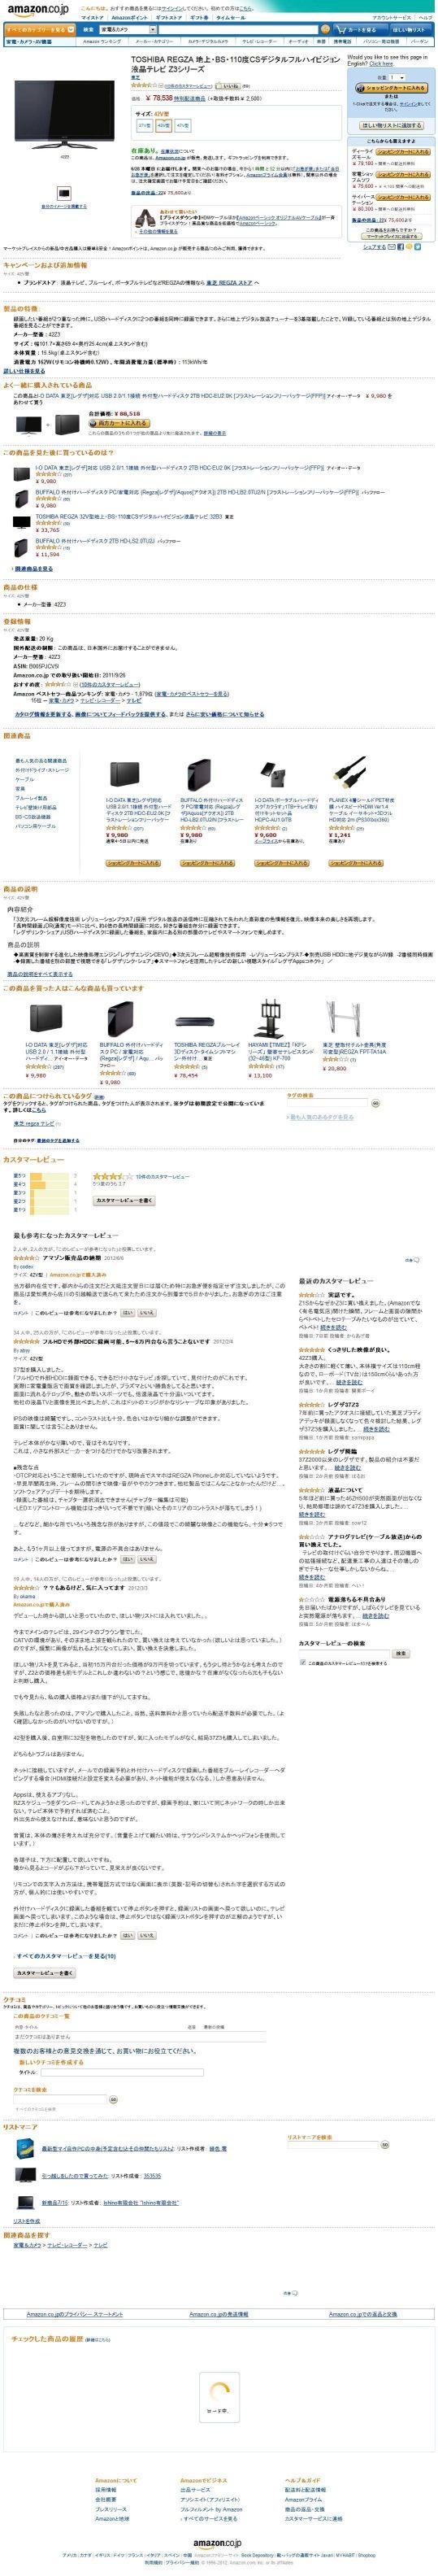 amazon-web.jpg